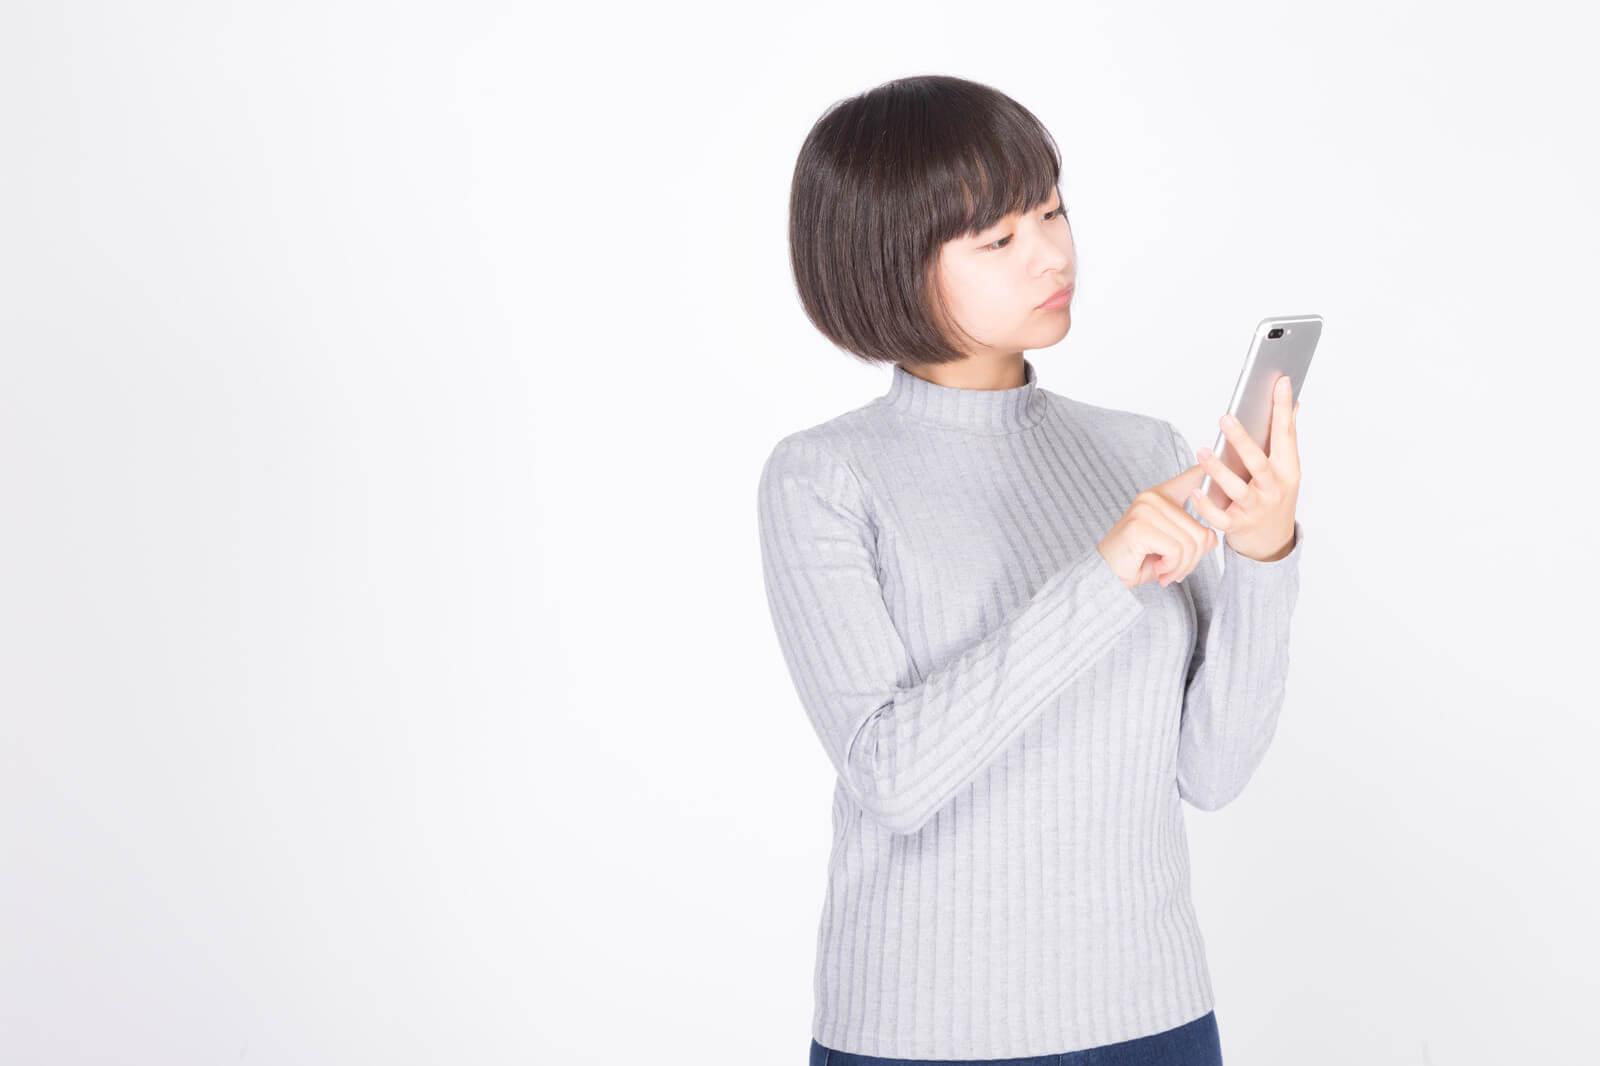 エックスモバイル(X-mobile)(もしもシークス)ってどうかをスマホで調べる女性